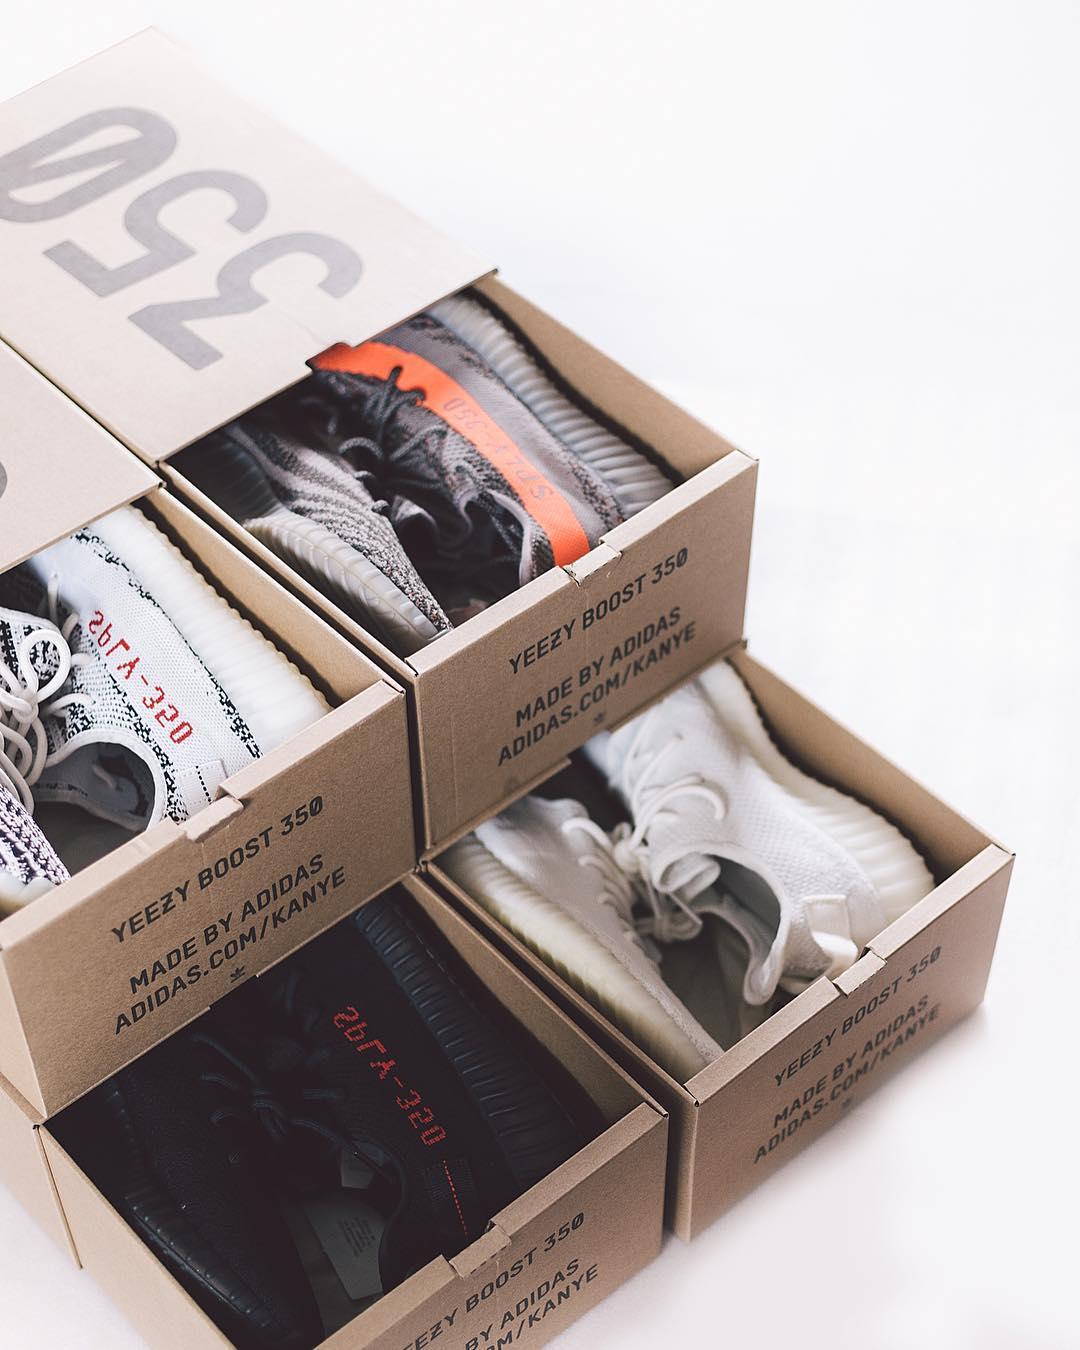 Nike,adidas,Air Jordan  2017 年关注度最高的球鞋有哪几双?第一名毫无悬念!